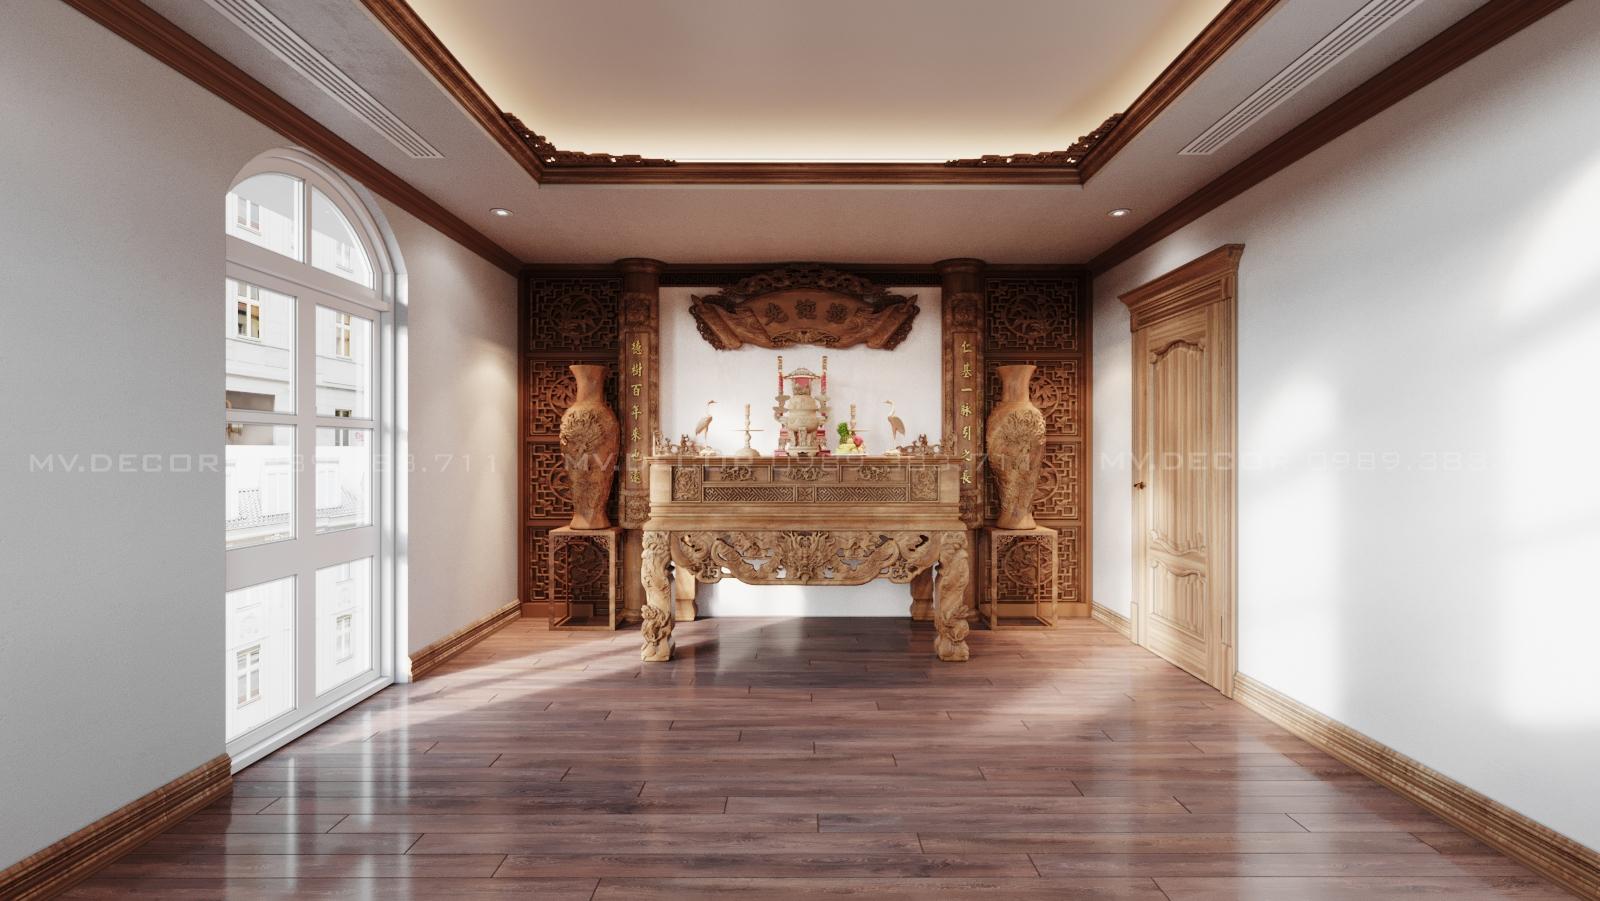 thiết kế nội thất Biệt Thự tại Hải Phòng BT VINHOME HẢI PHÒNG 31 1562719455